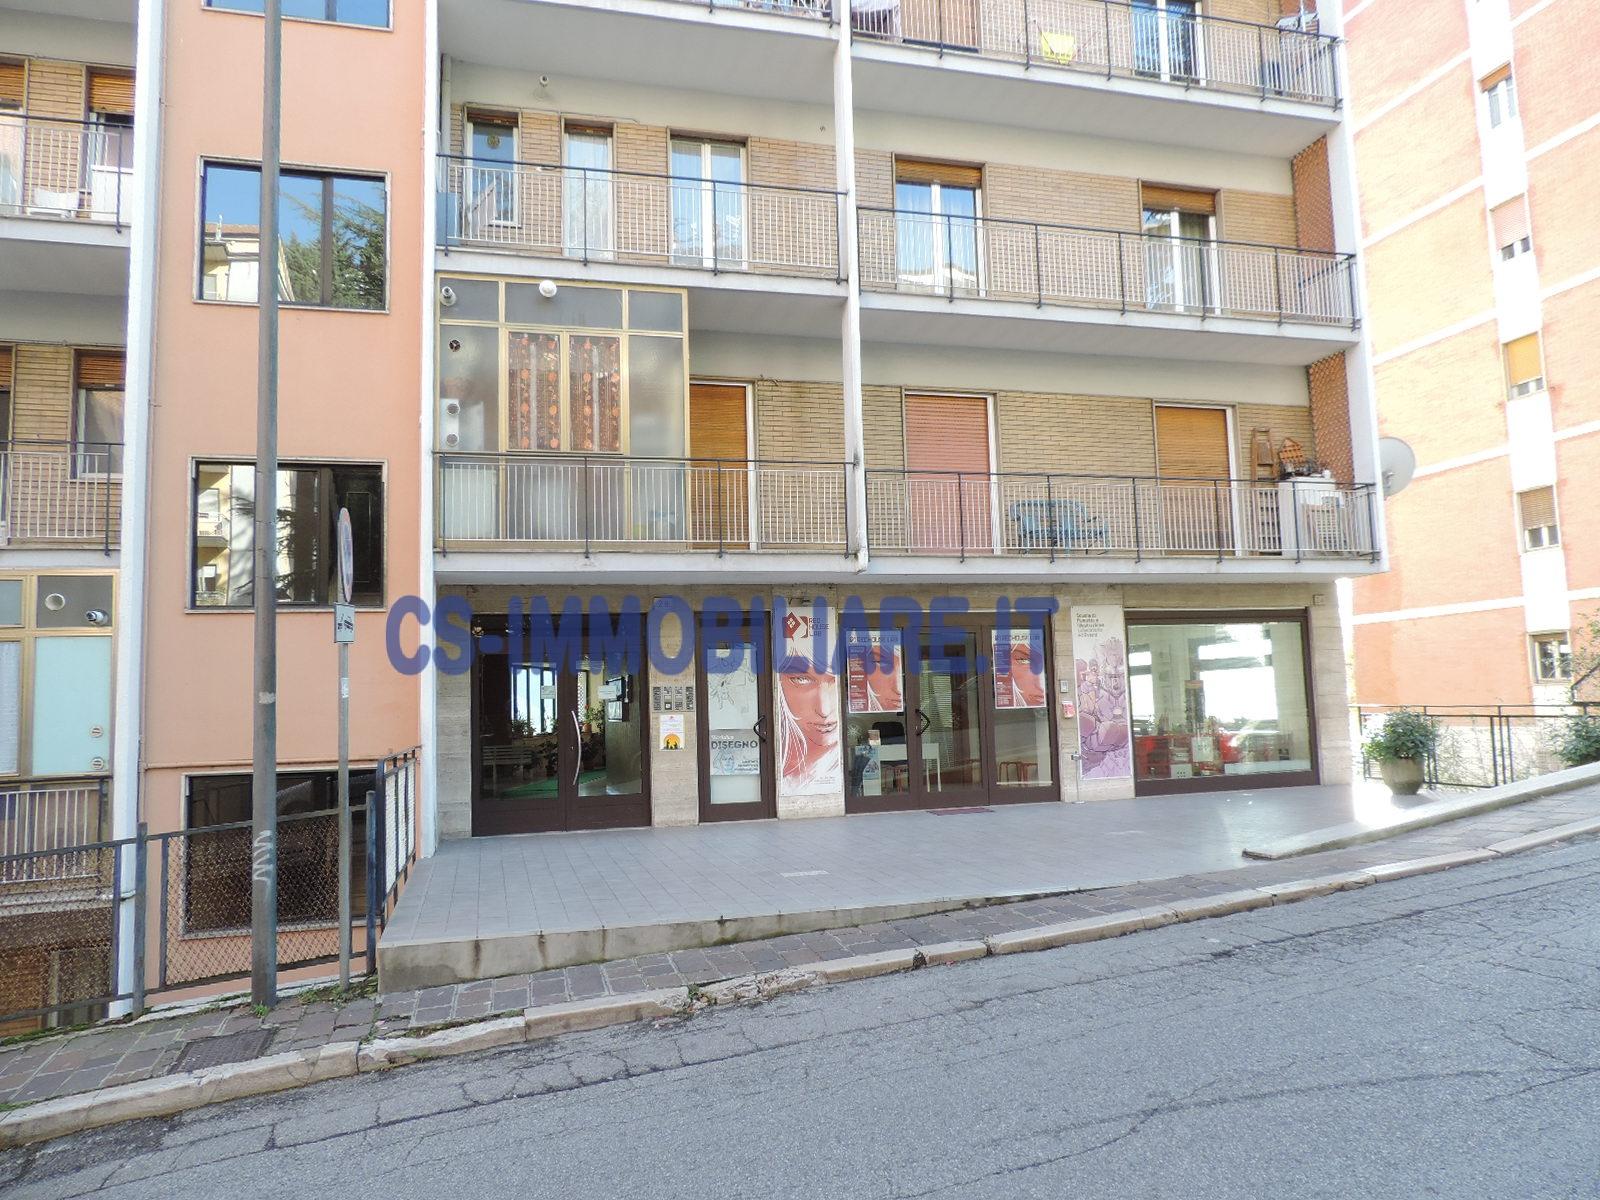 Appartamento in affitto a Potenza, 5 locali, zona Zona: Semicentro, prezzo € 450 | Cambio Casa.it